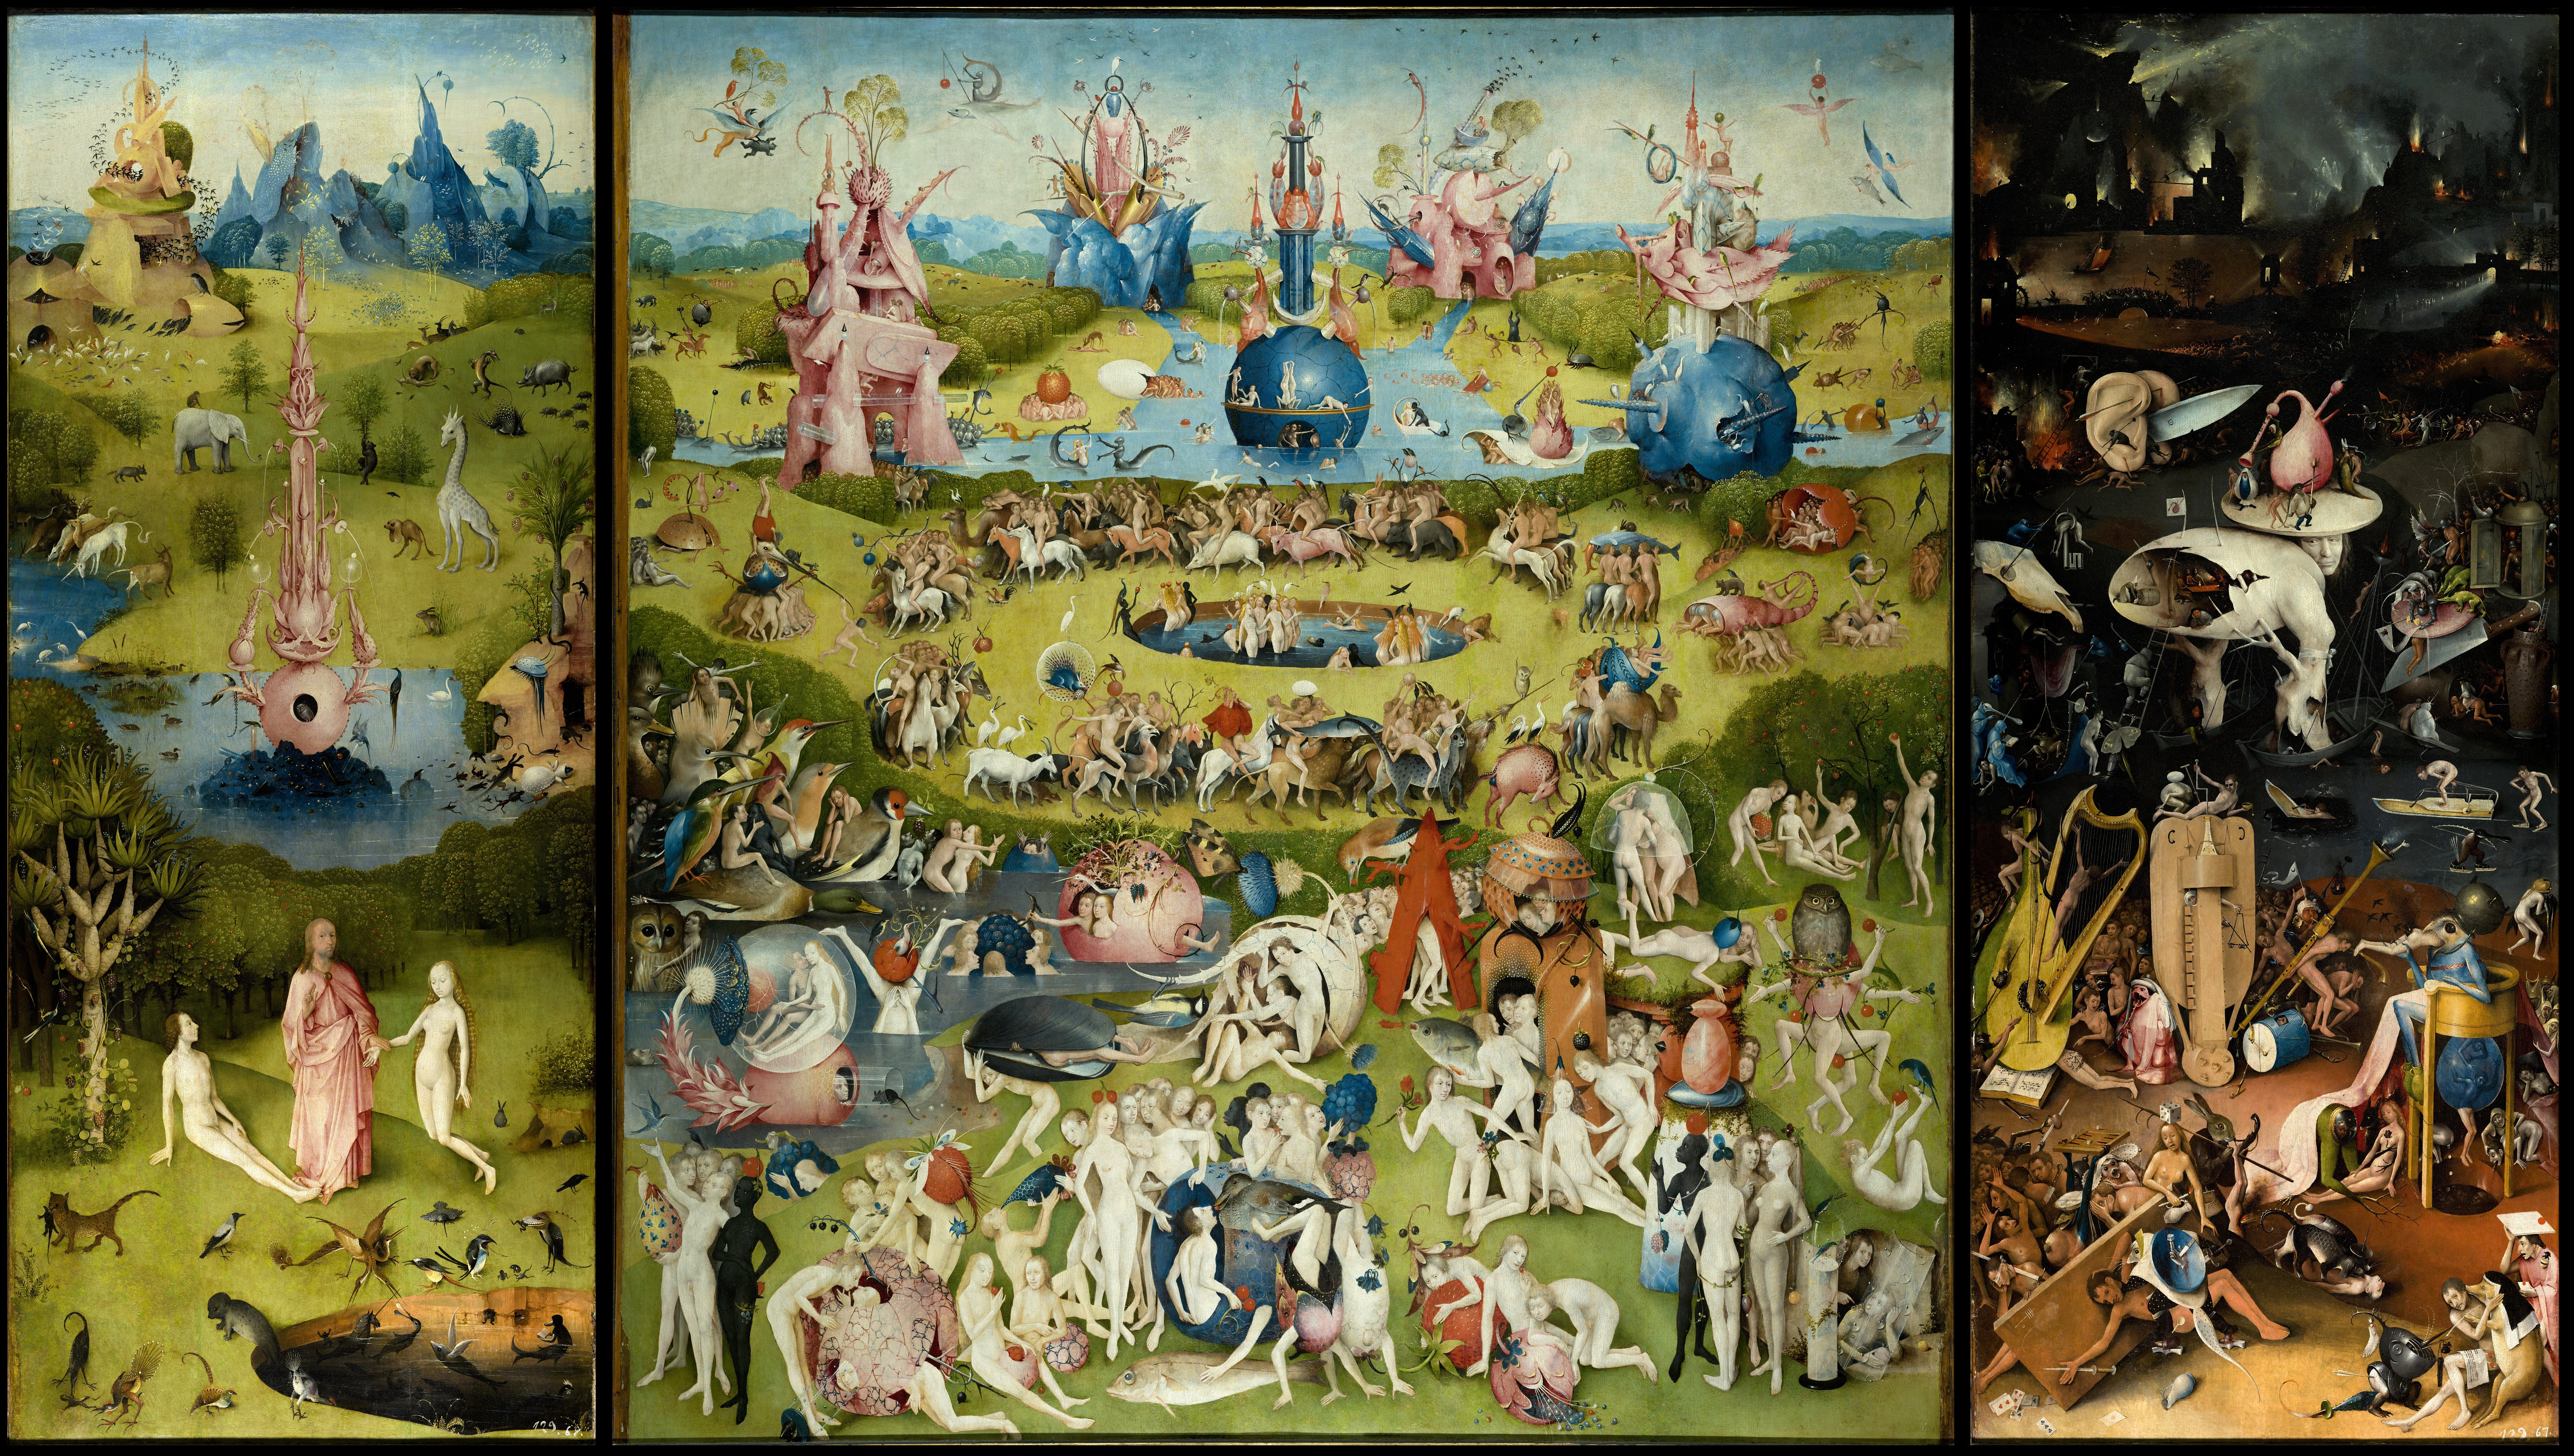 Le jardin des délices : Jerome Bosch - Les adamites